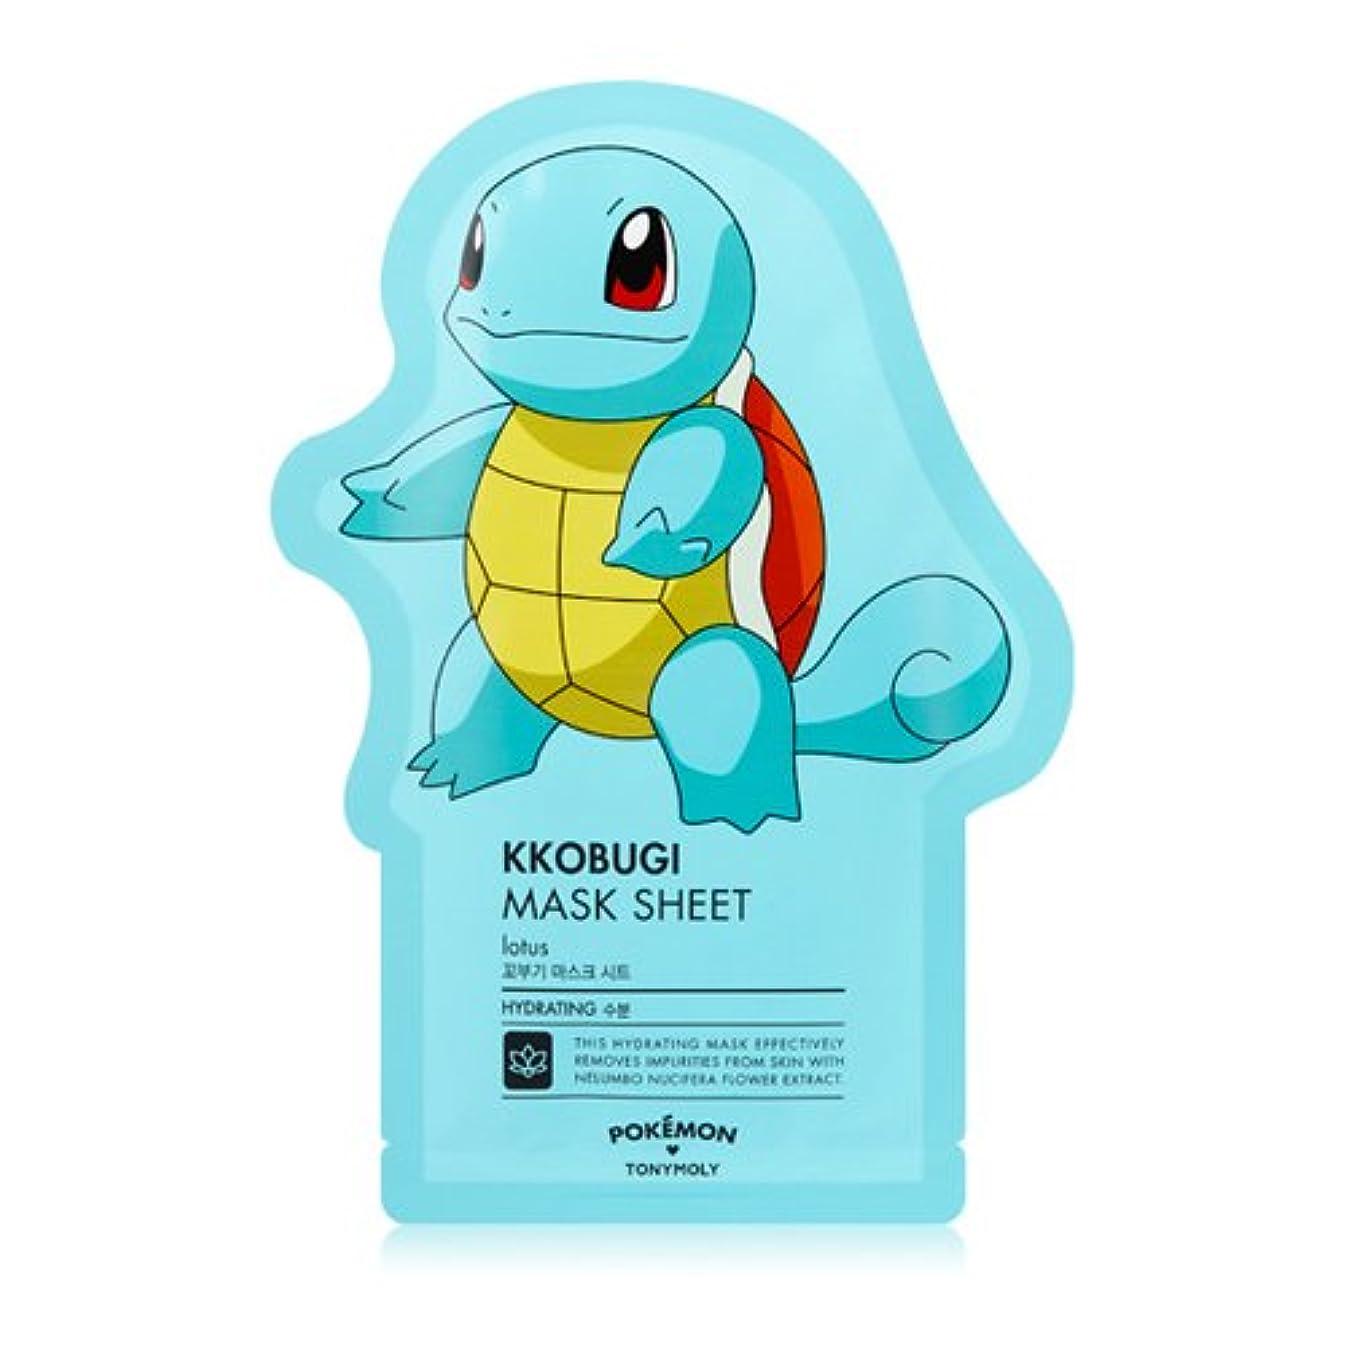 人口コンプリート印刷する(3 Pack) TONYMOLY x Pokemon Squirtle/Kkobugi Mask Sheet (並行輸入品)